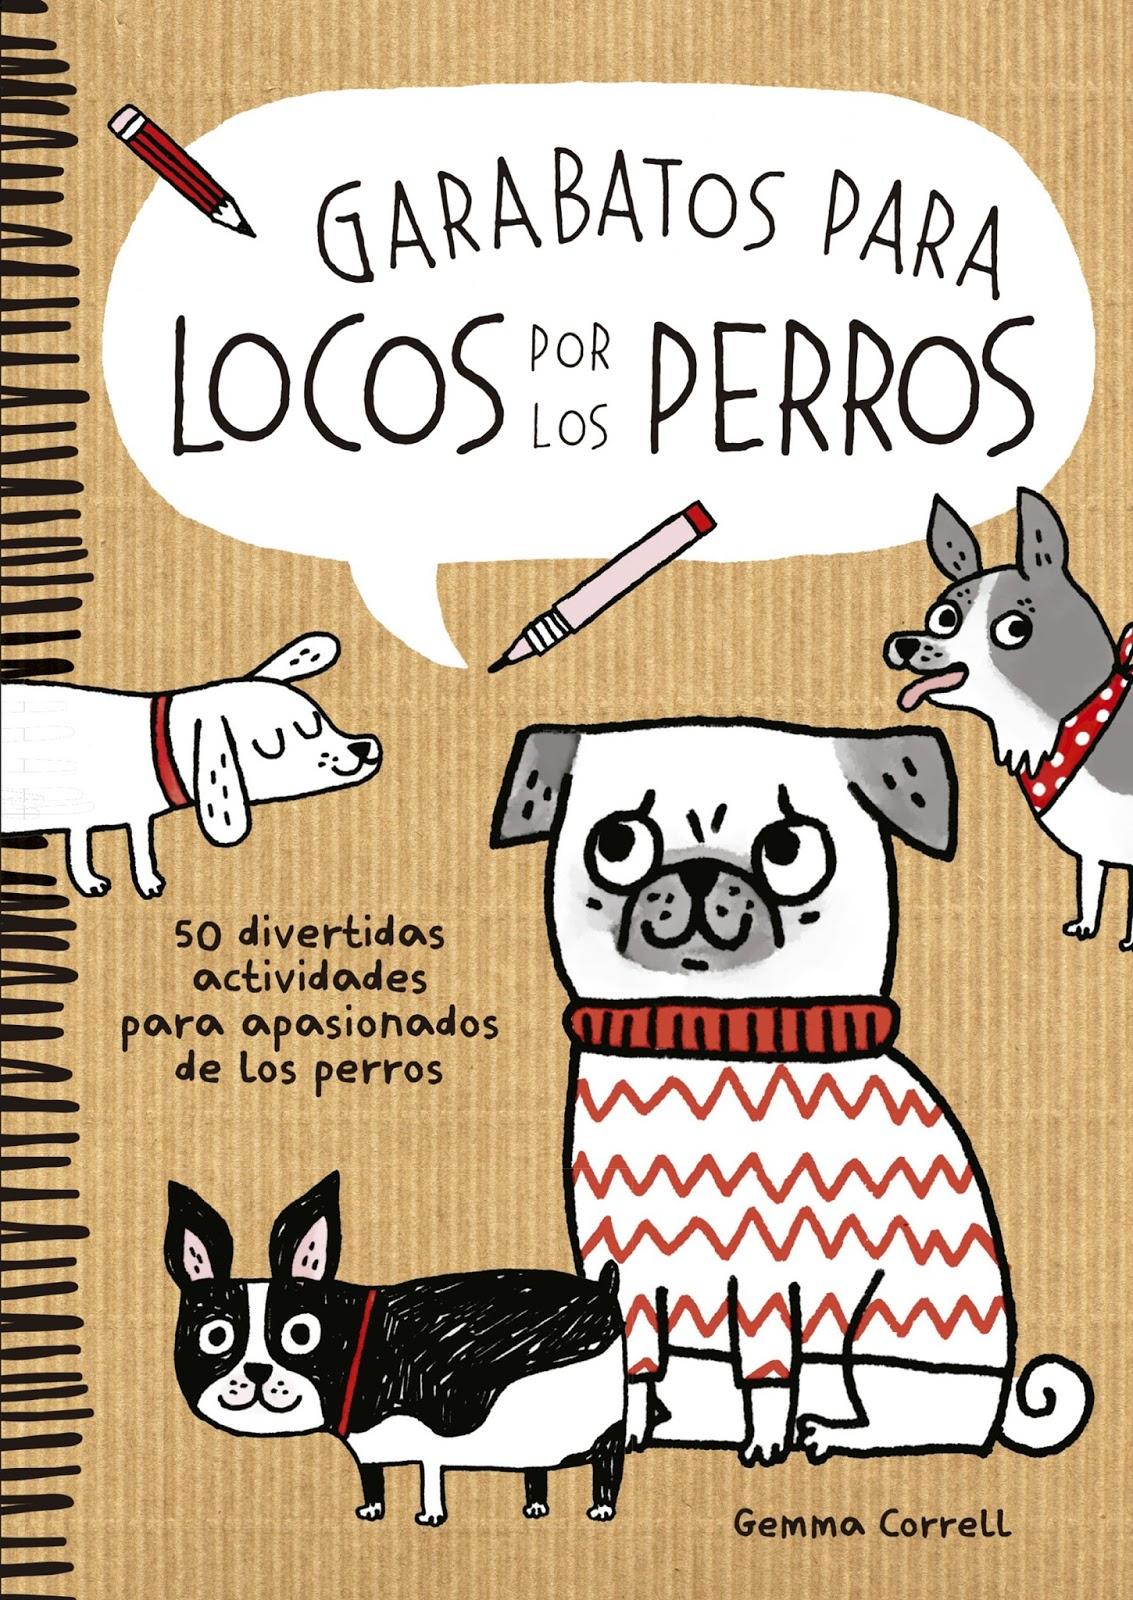 oh que perro!: Garabatos para locos por los perros y Garabatos para ...